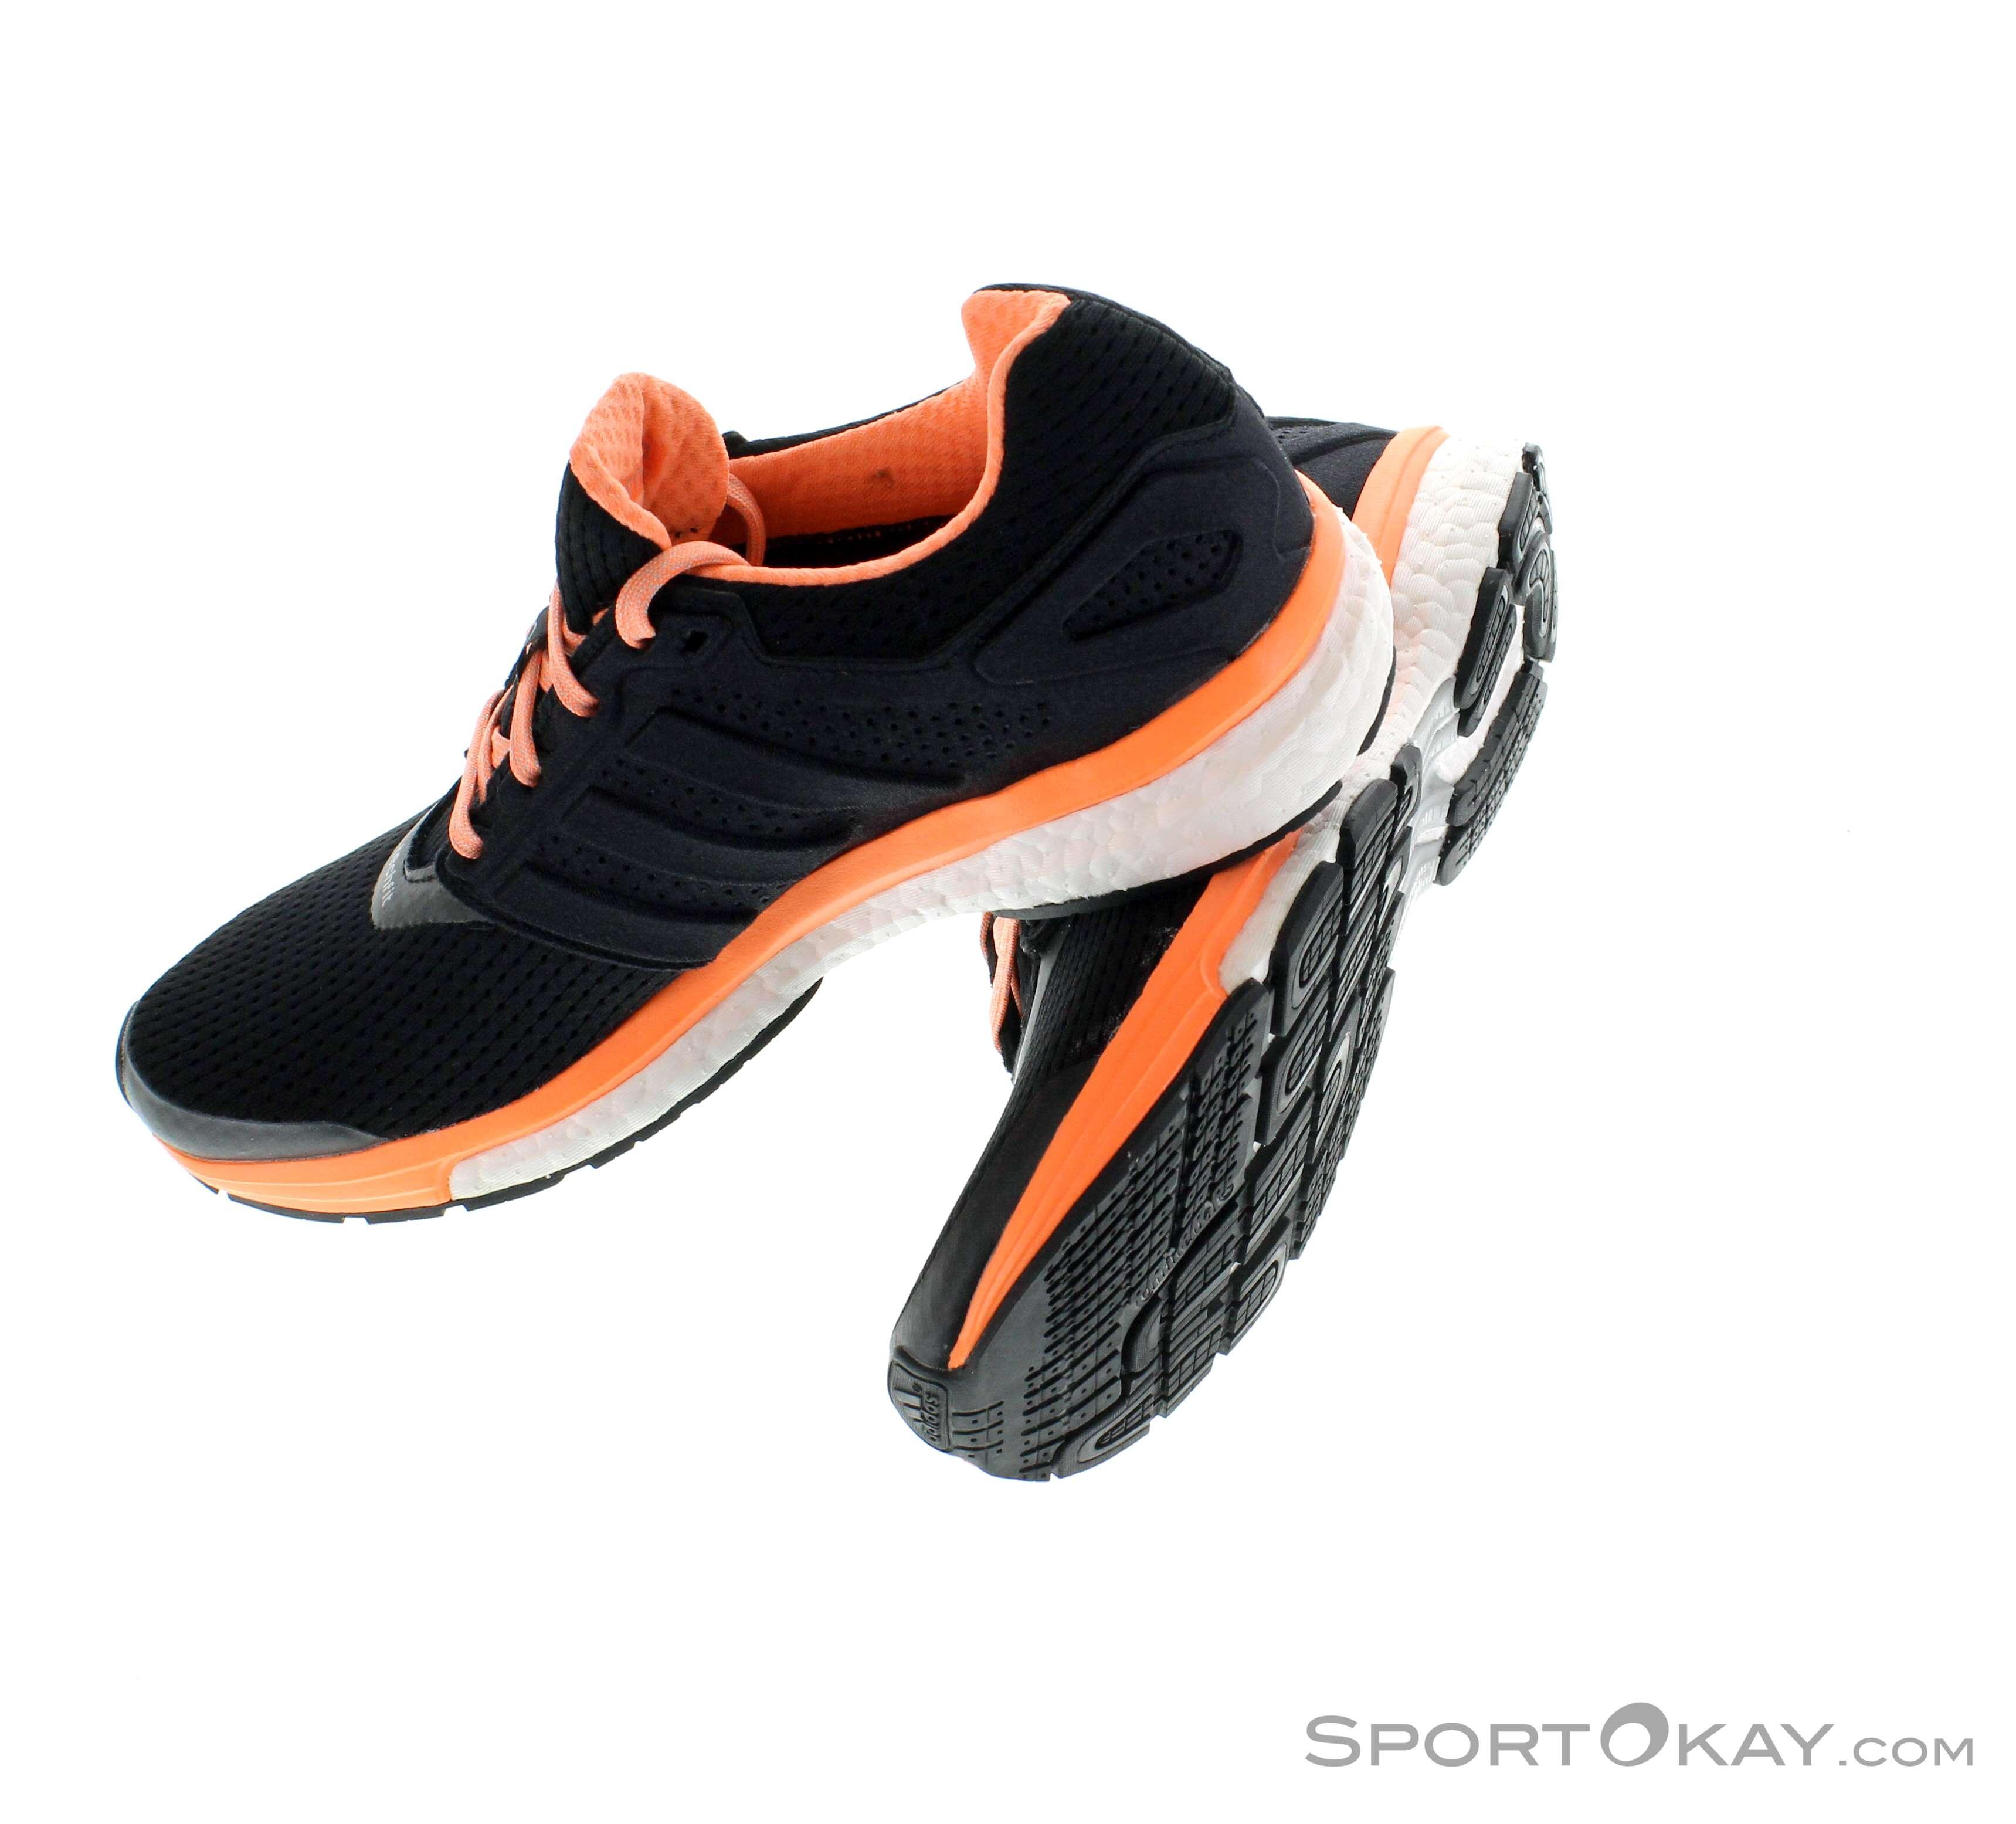 competitive price 144bb 924d4 adidas Supernova Glide 7 Donna Scarpe da Corsa, adidas, Nero, , Donna,